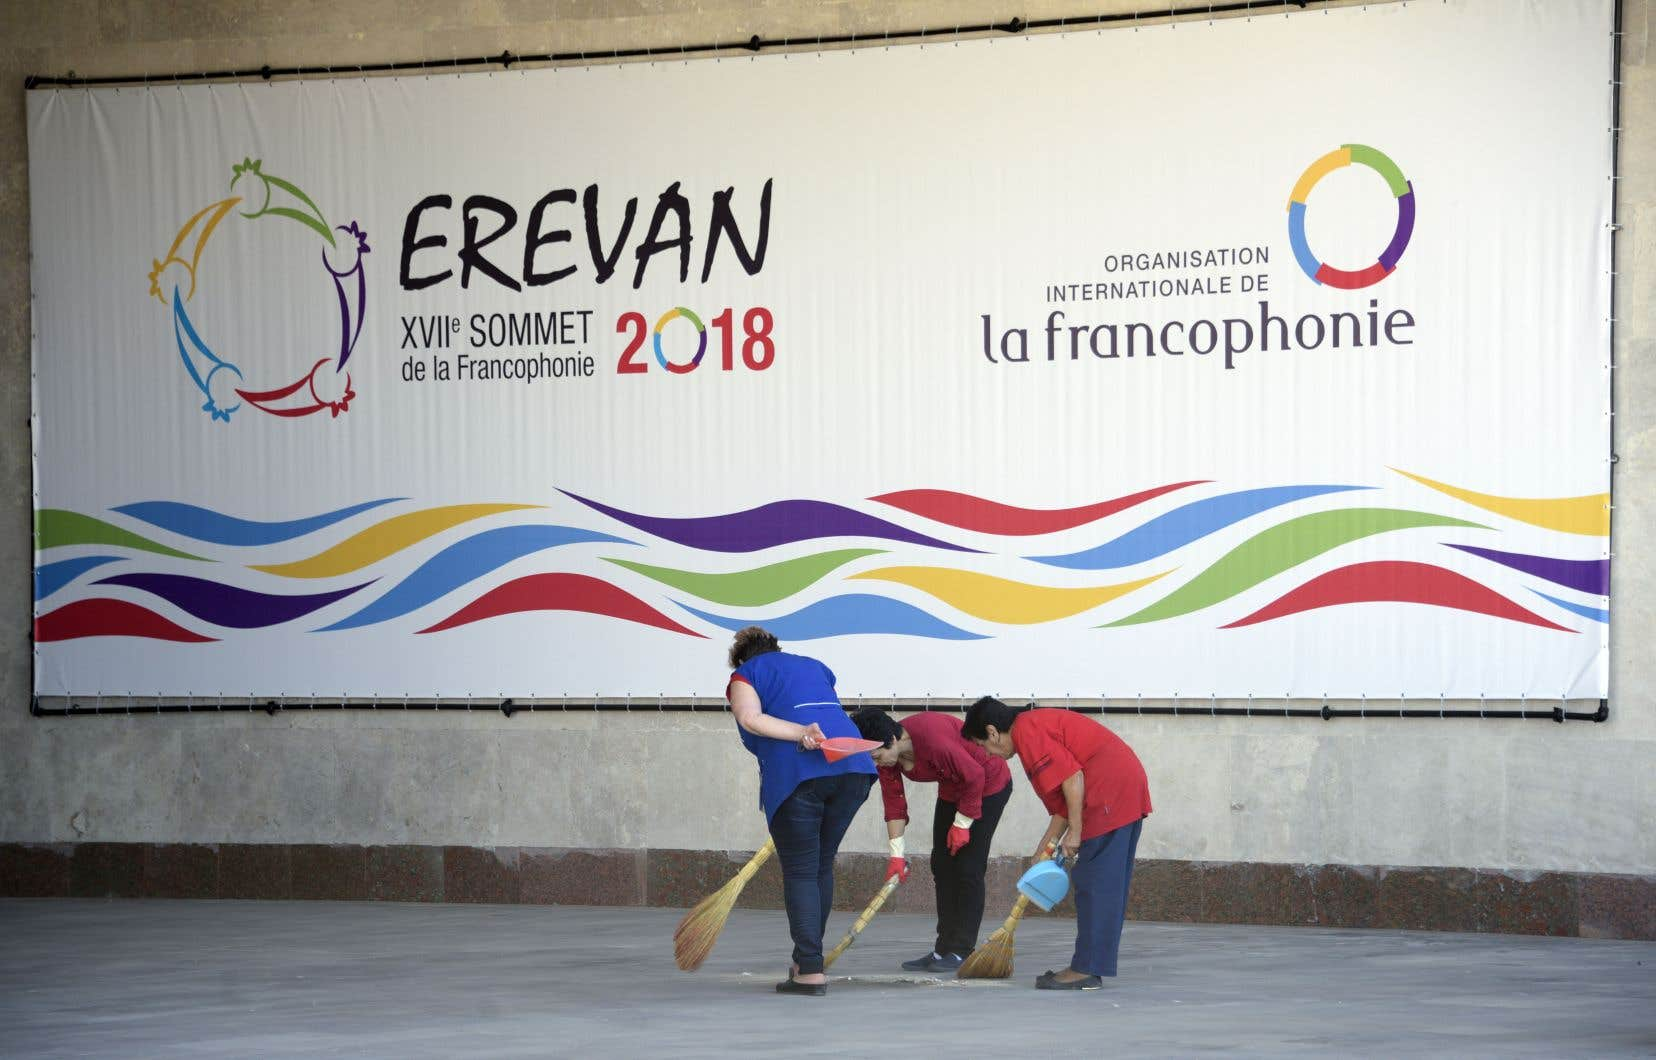 Nul doute qu'en accueillant le XVIIe Sommet de la Francophonie cette semaine, l'Arménie cherchera à faire avancer la reconnaissance de ce génocide. Un drame sans nom que le Québec fut parmi les premiers à reconnaître, dès 1980 sous le gouvernement de René Lévesque.